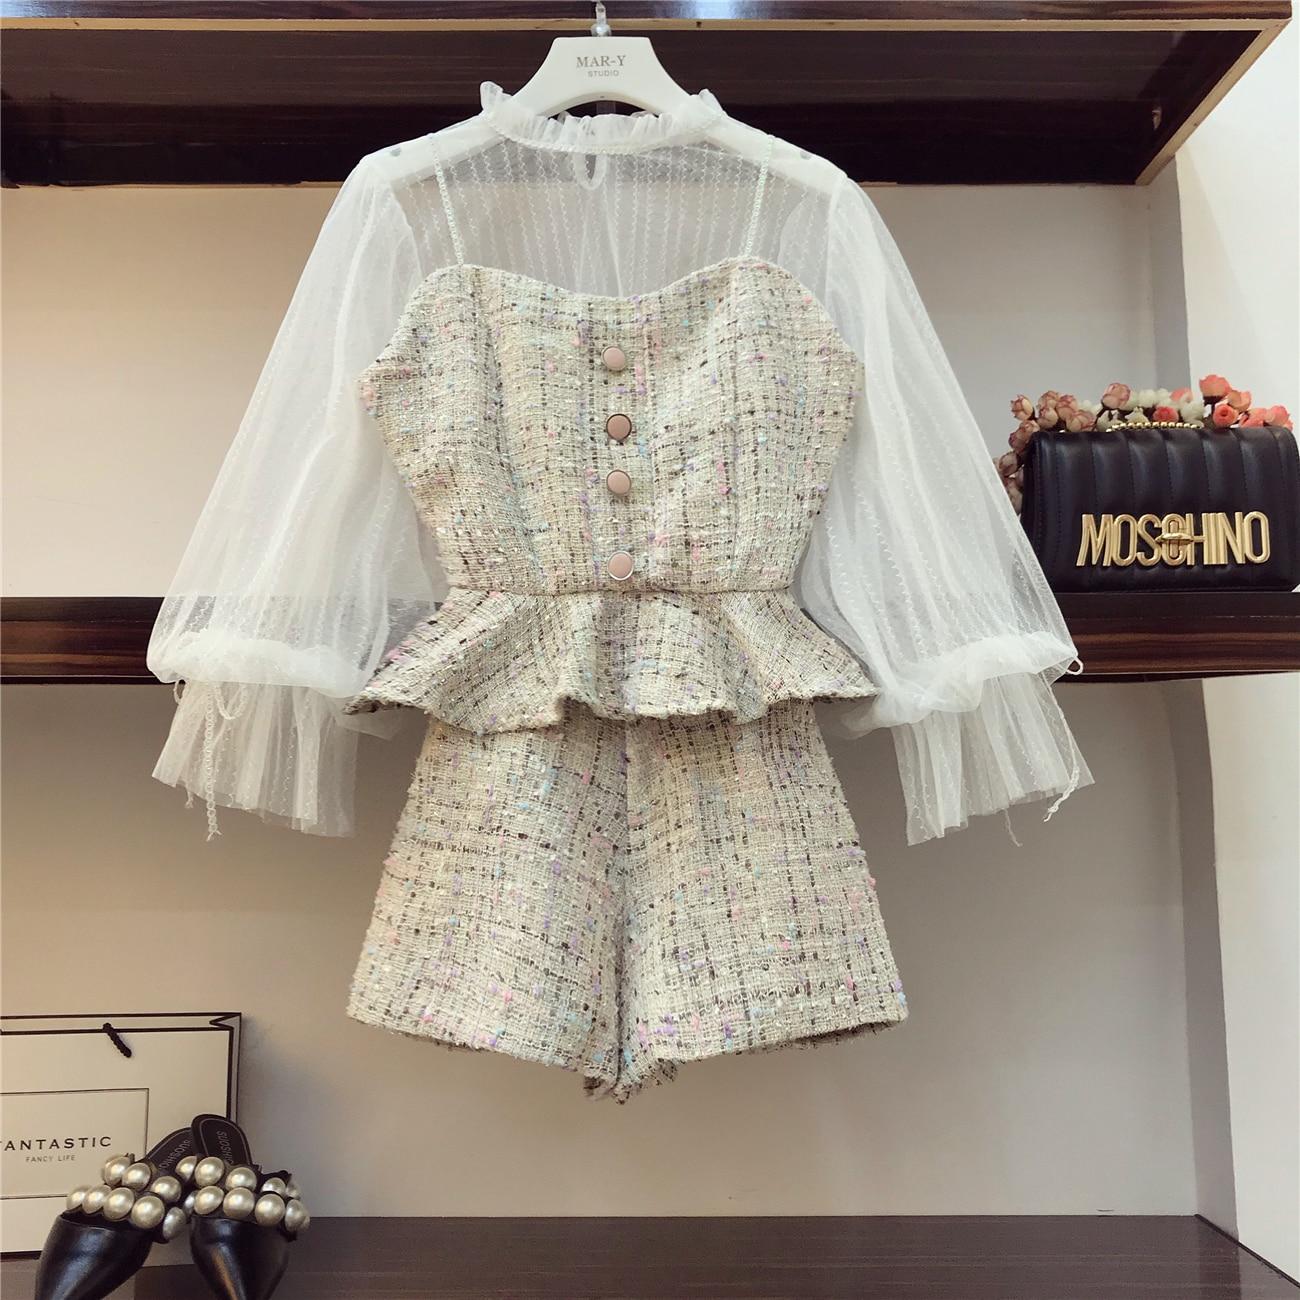 2018 Automne Hiver Petit Parfum Vêtements Ensembles Femmes De Mode Danses Robe Ensemble Dentelle Chemise + sling Tweed Gilet + Shorts 3 pièces